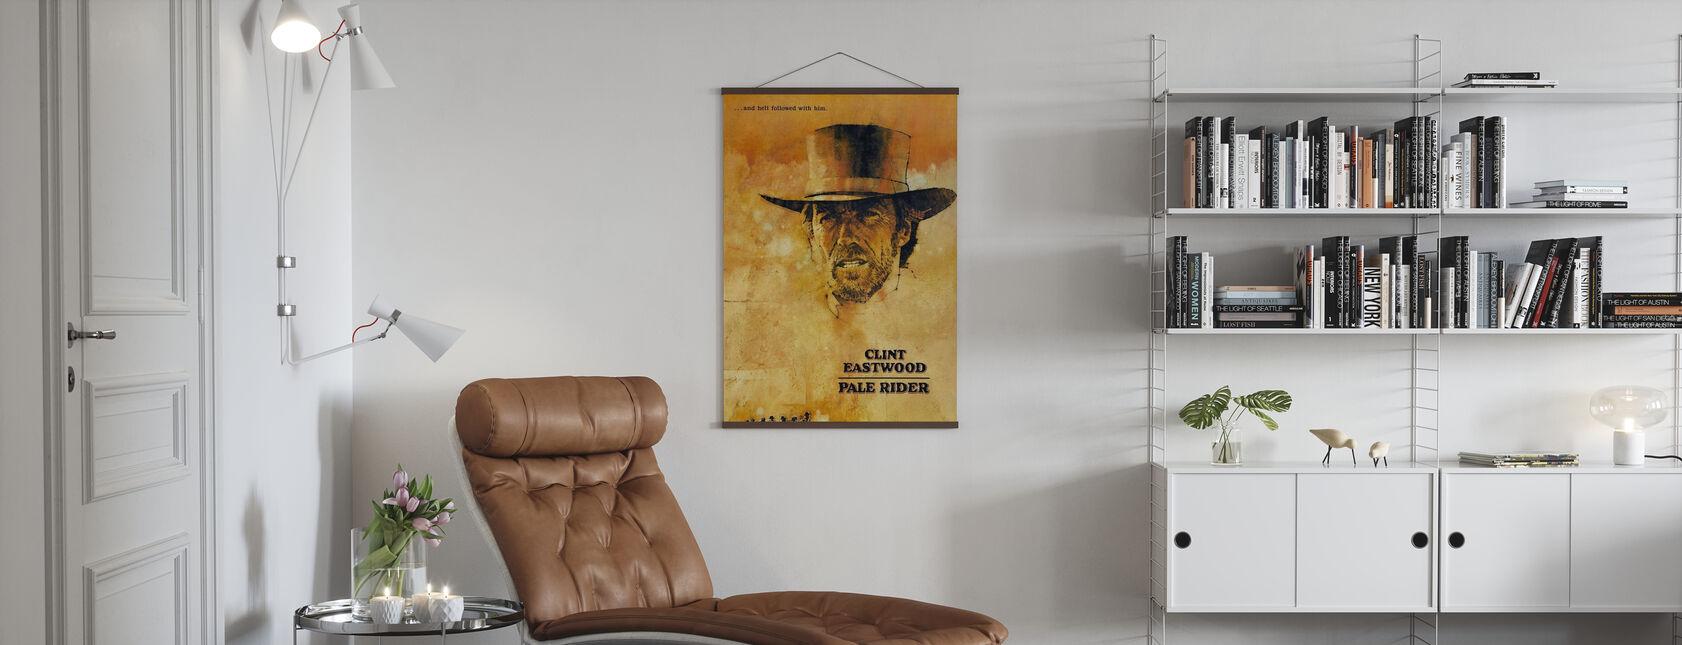 Blek ryttare - Poster - Vardagsrum